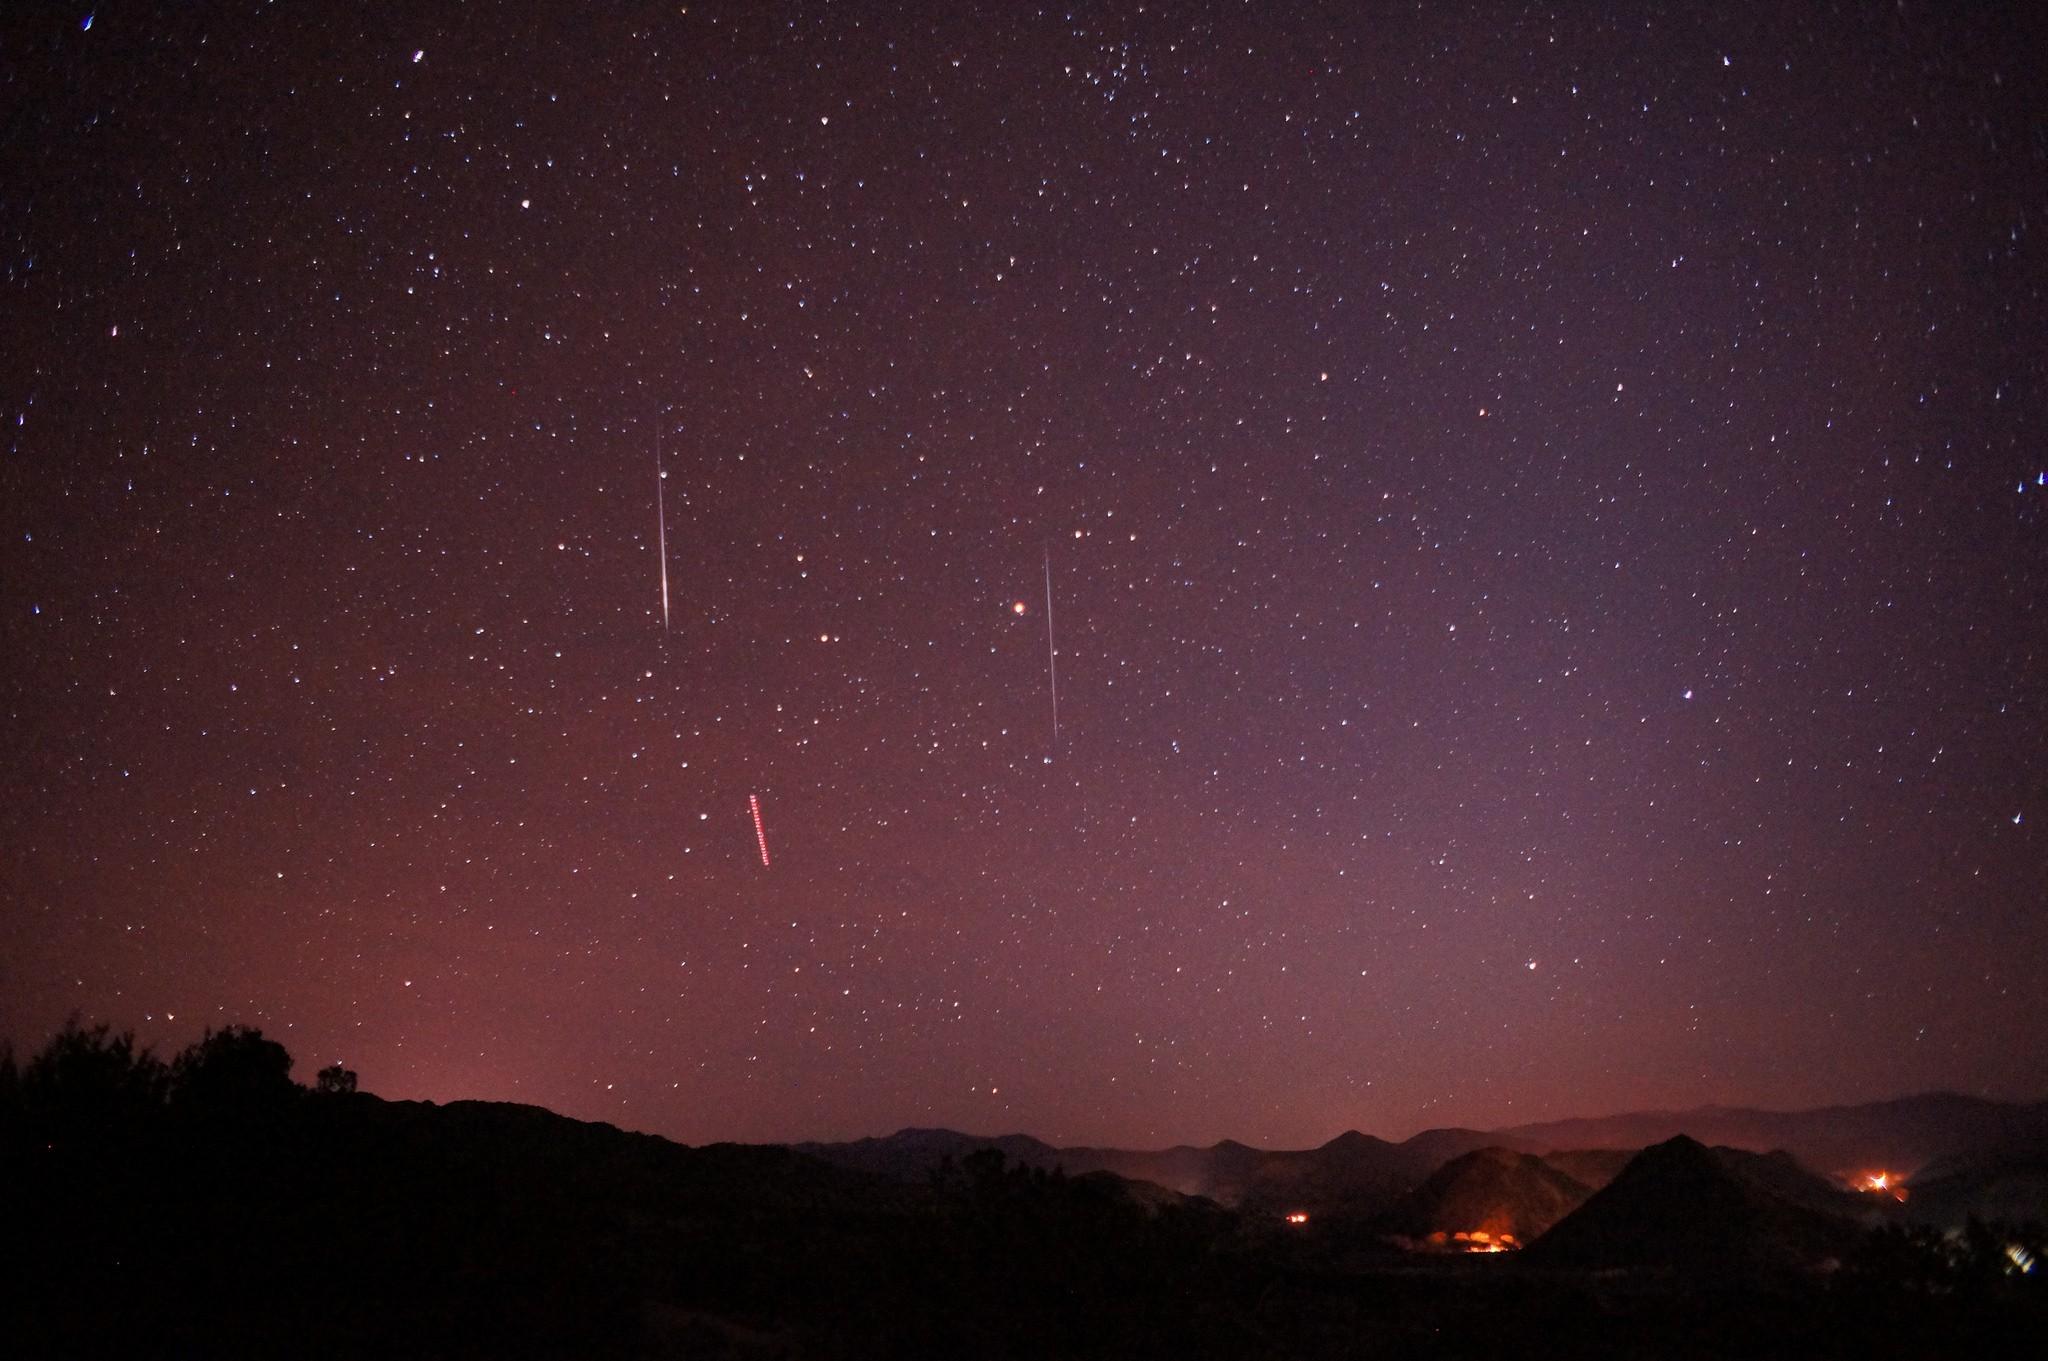 Chuva de meteoros é popularmente conhecida como estrelas cadentes (Foto: Flickr/Mike Lewinski/Creative Commons)